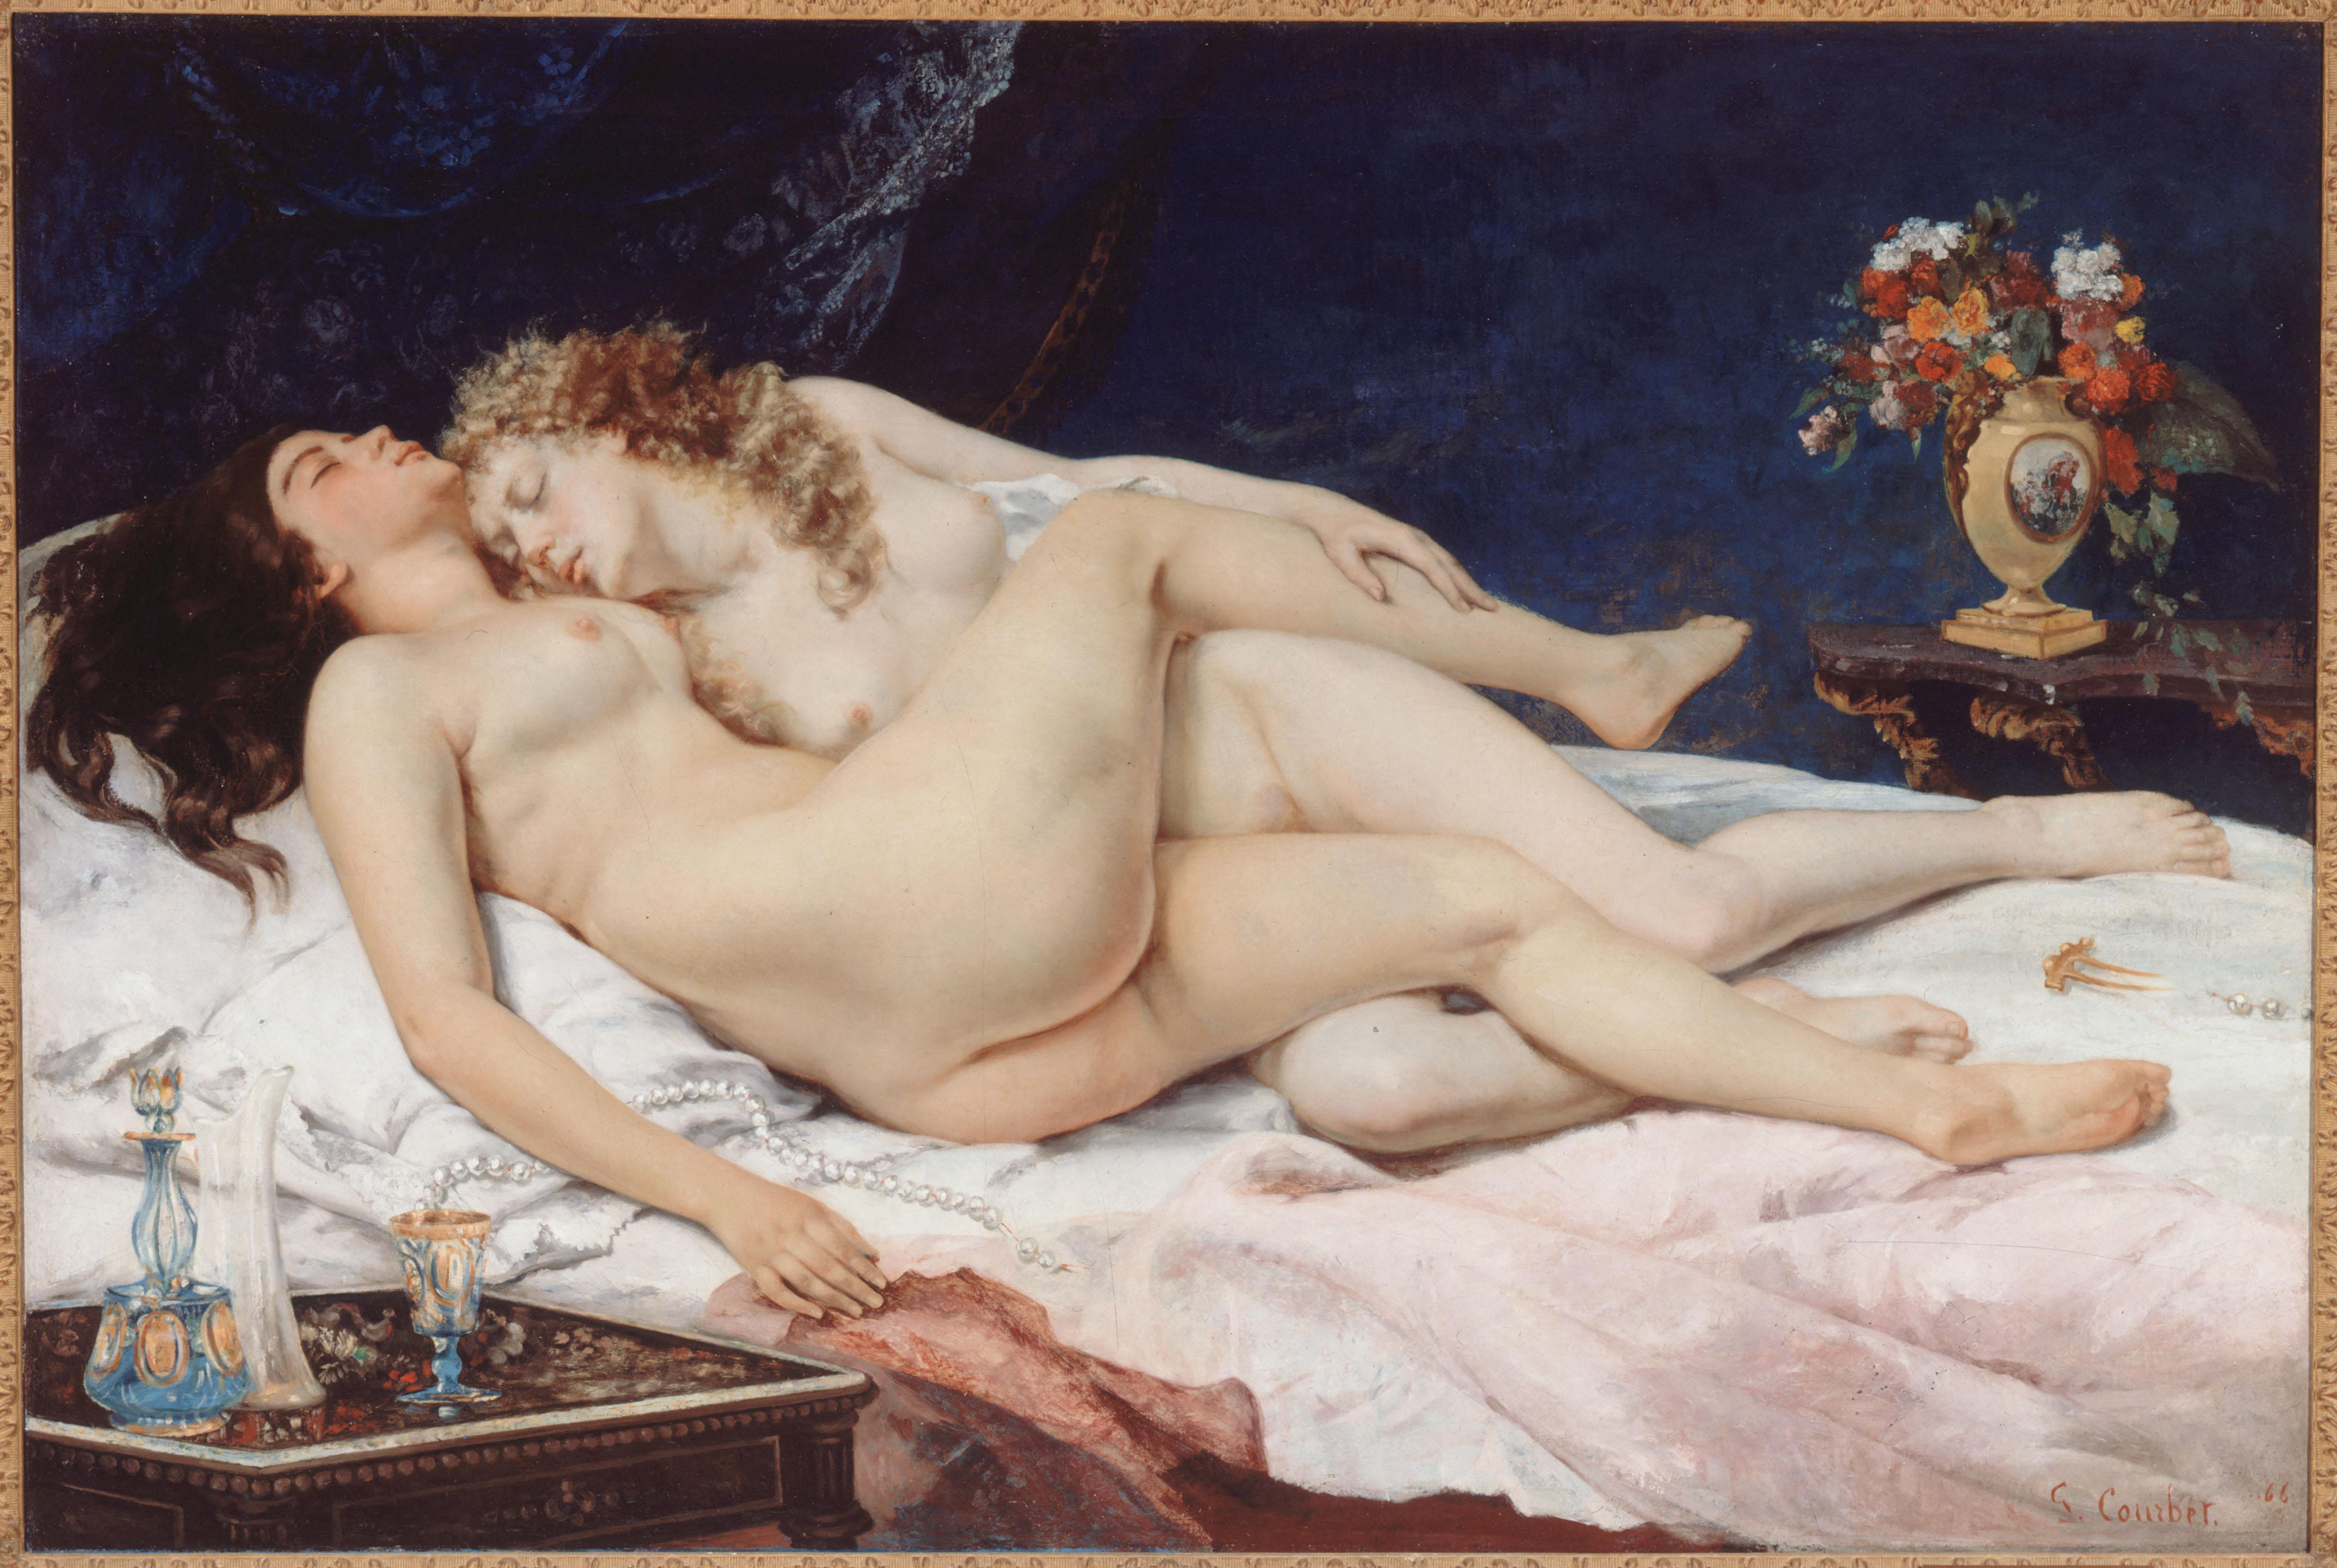 """Gustave Courbet (1819-1877). """"Le Sommeil"""", 1866. Musée des Beaux-Arts de la Ville de Paris, Petit Palais."""